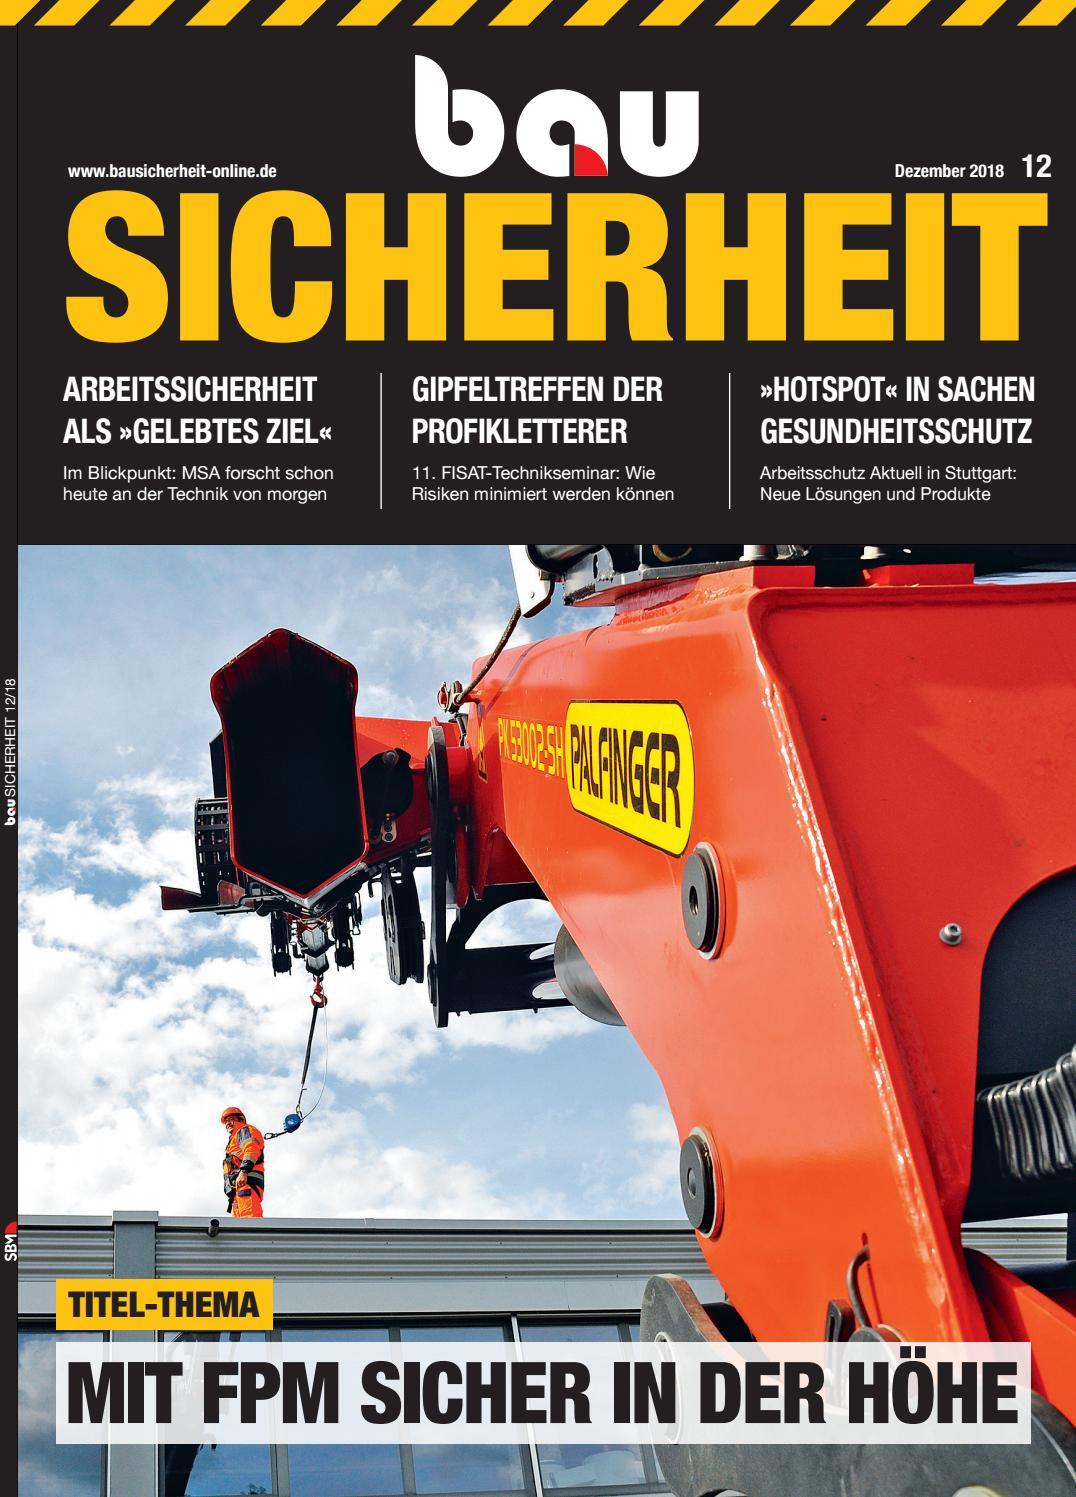 bausicherheit dezember 2018 by sbm verlag gmbh issuu  Neue Olaf Benz 3000 Red Ausgefallene Unterwsche Herren Online P 1911 #11